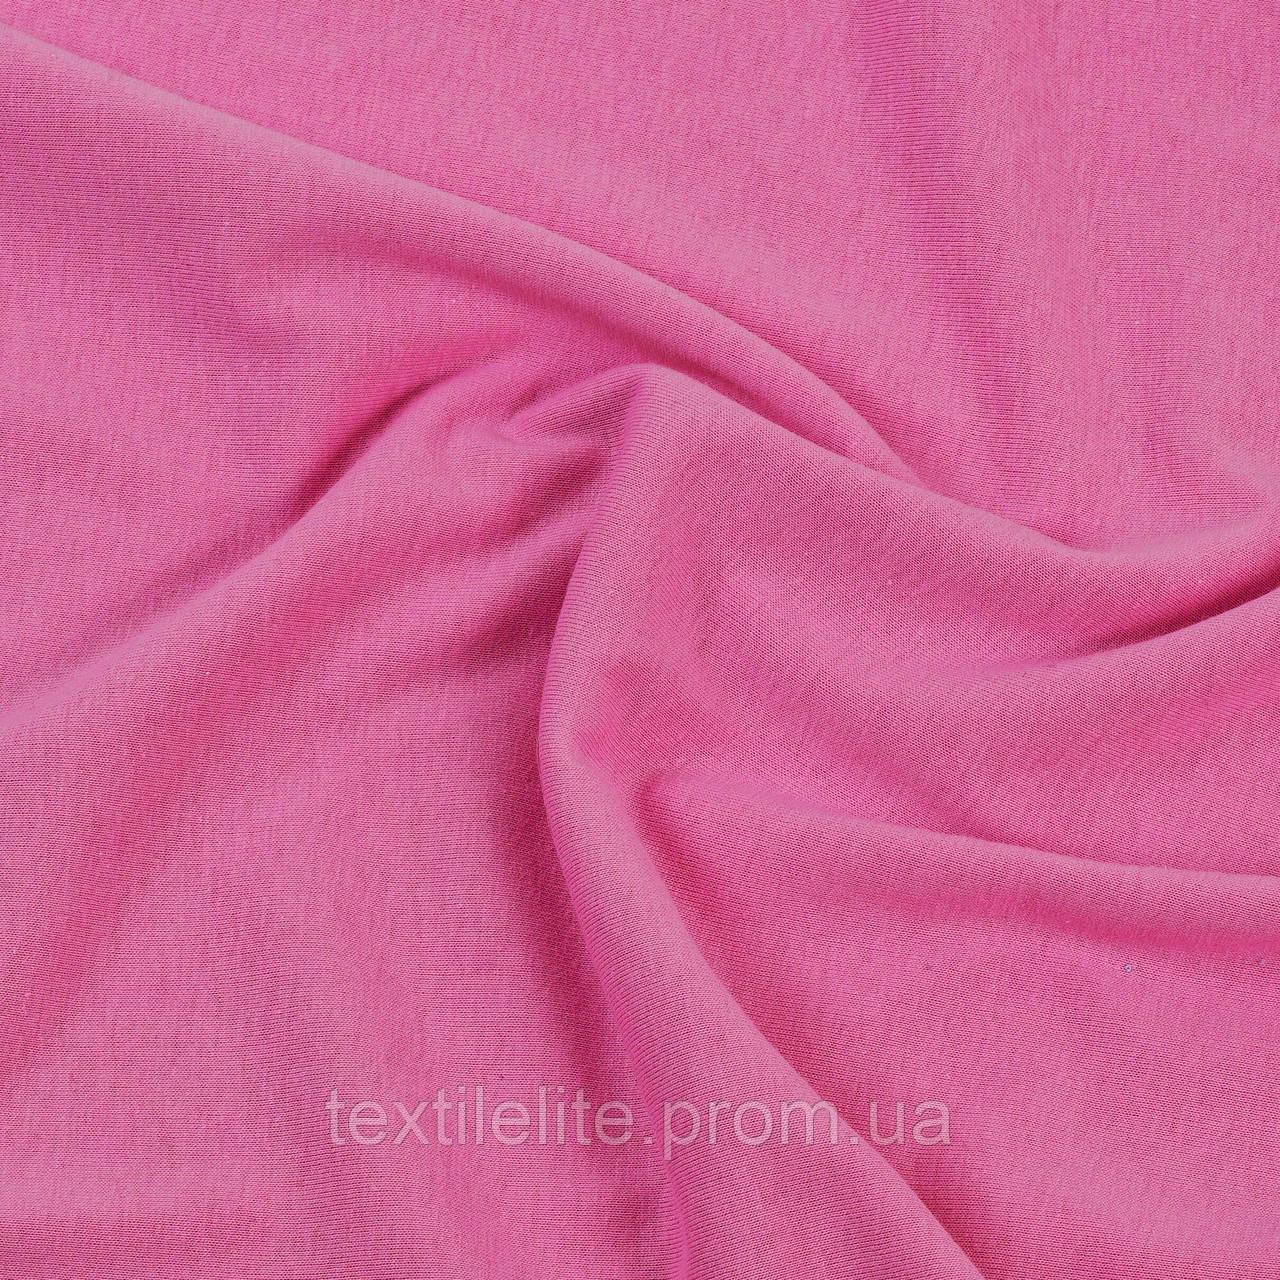 Кулирная гладь. Цвет Розовый насыщенный. Трикотажная ткань. Хлопок 100%